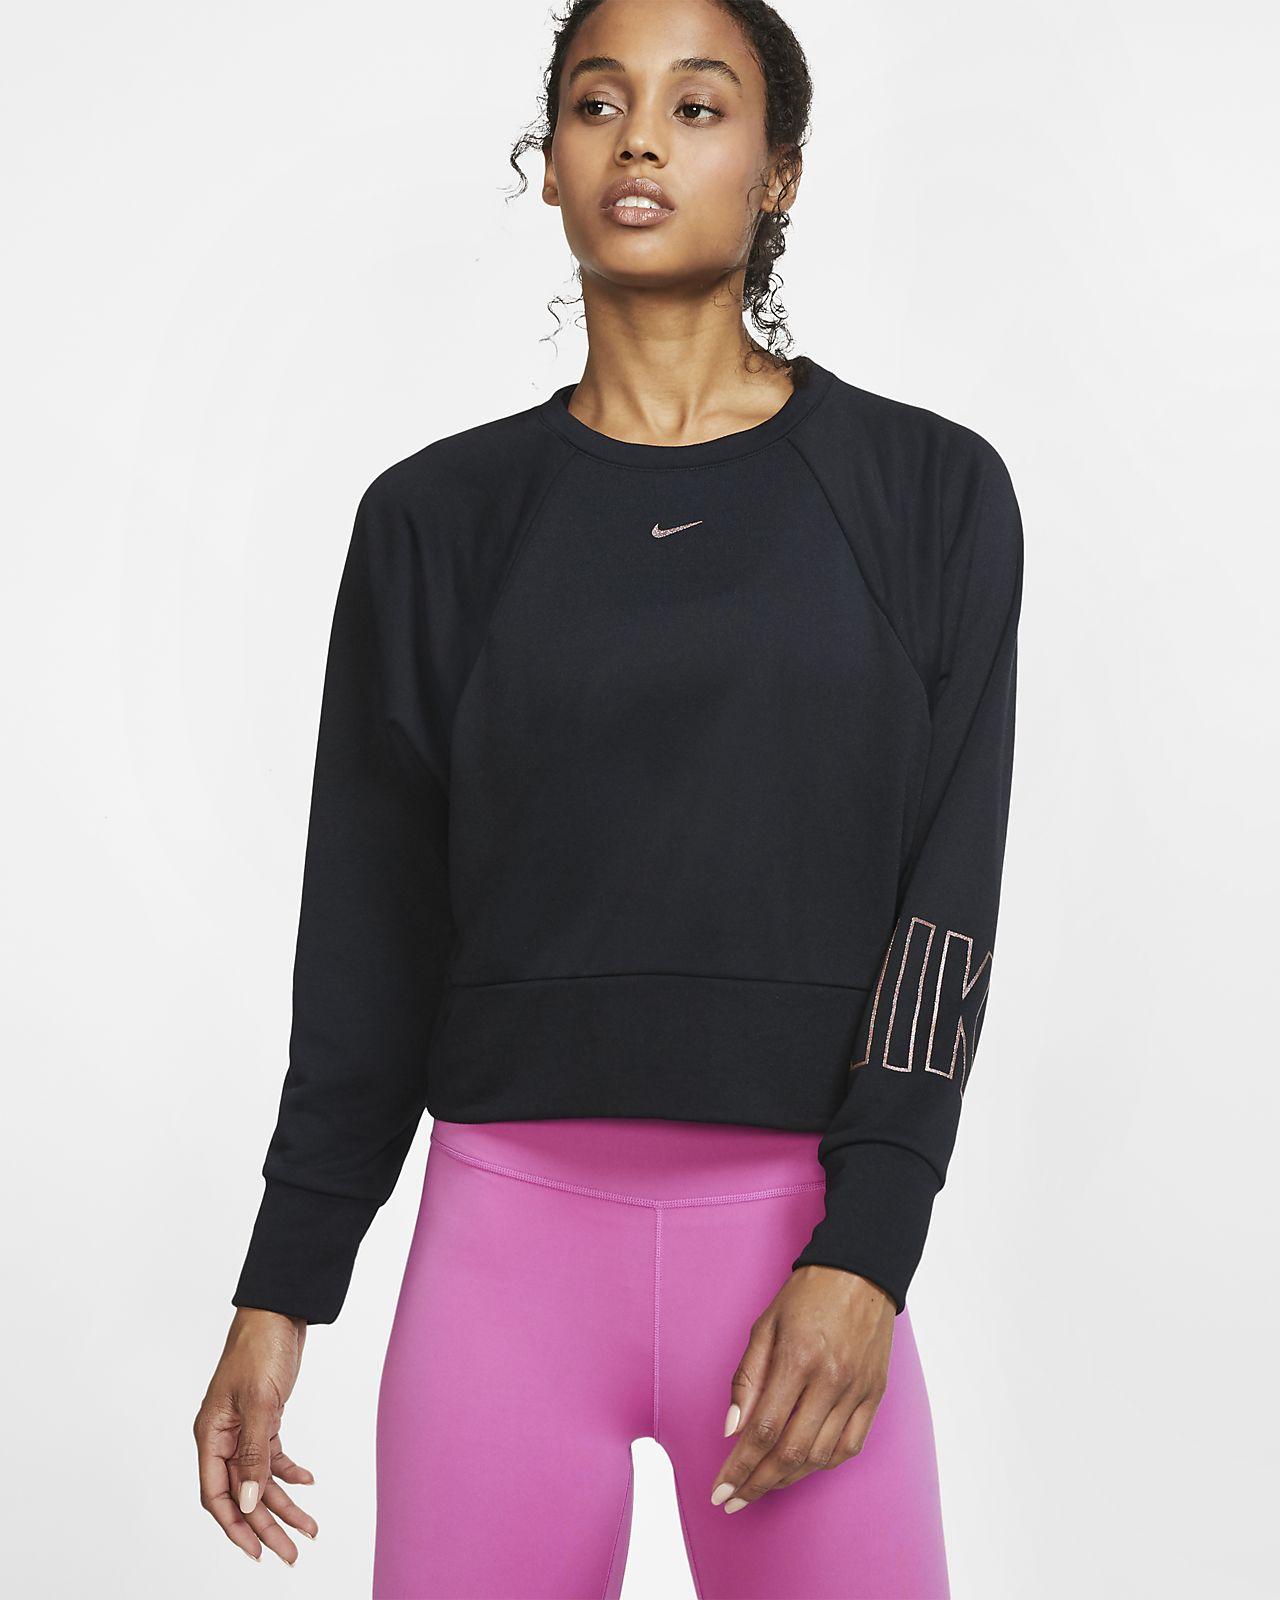 Haut de training en tissu Fleece à motifs Nike Dri-FIT Get Fit pour Femme